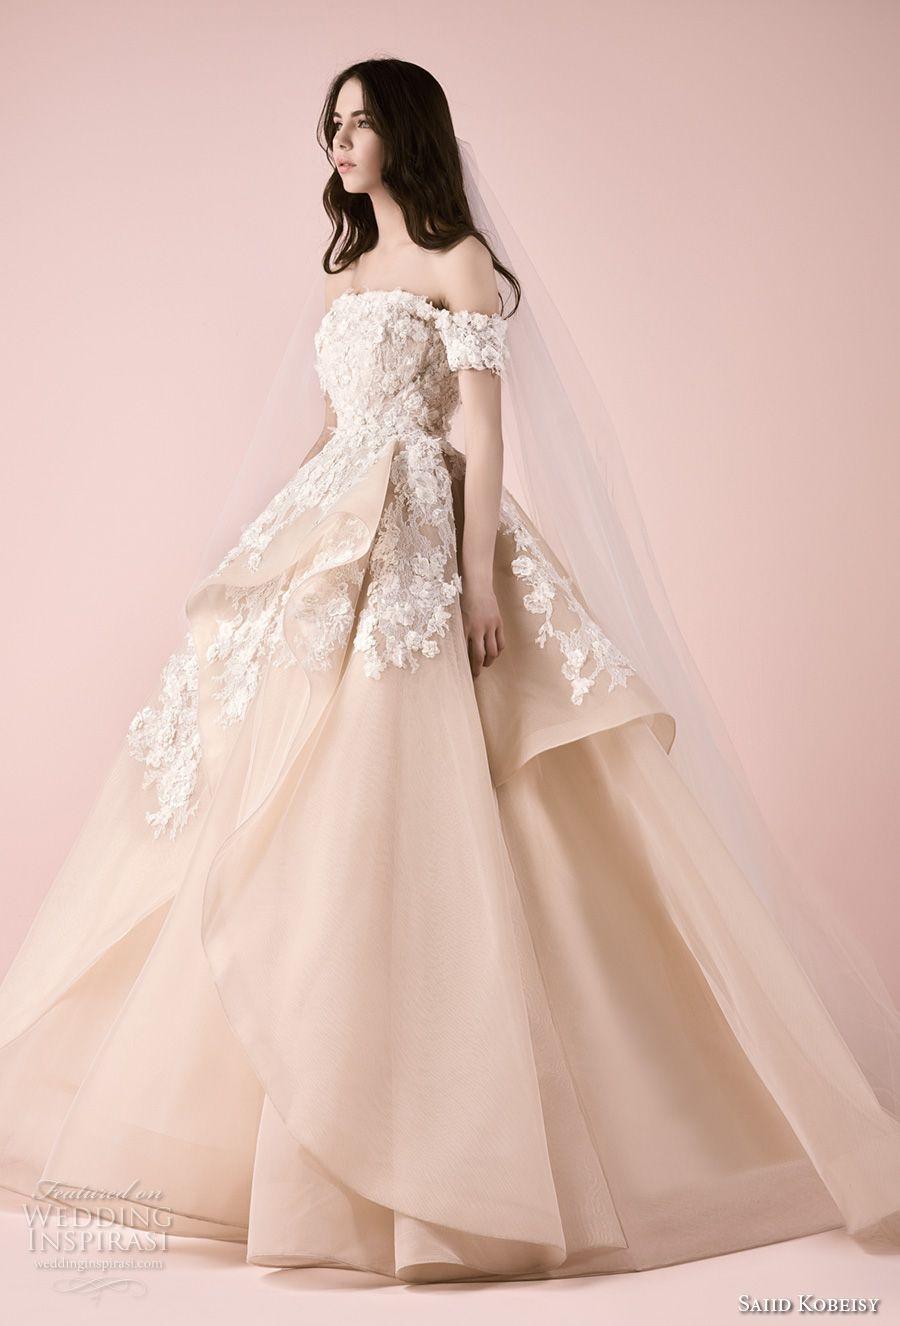 Saiid Kobeisy 2018 Wedding Dresses | Brautkleider, Schnee und Kleider